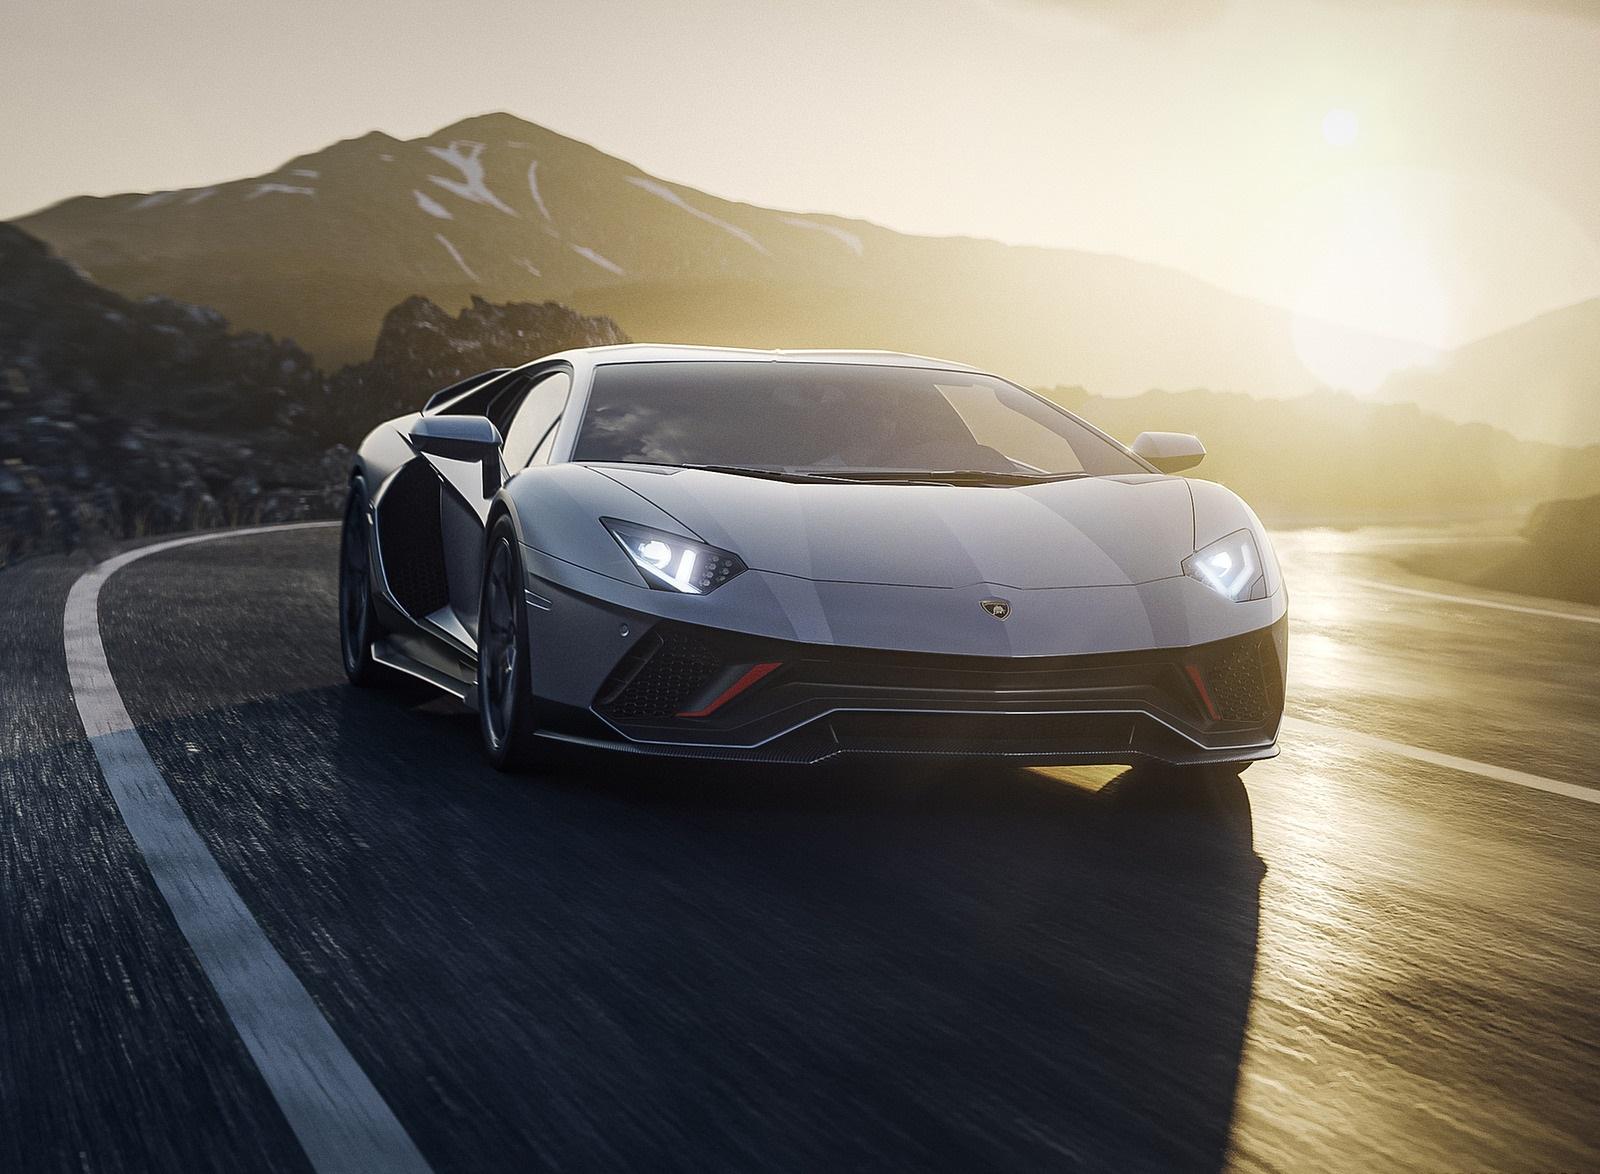 2022 Lamborghini Aventador LP 780-4 Ultimae Front Wallpapers (2)